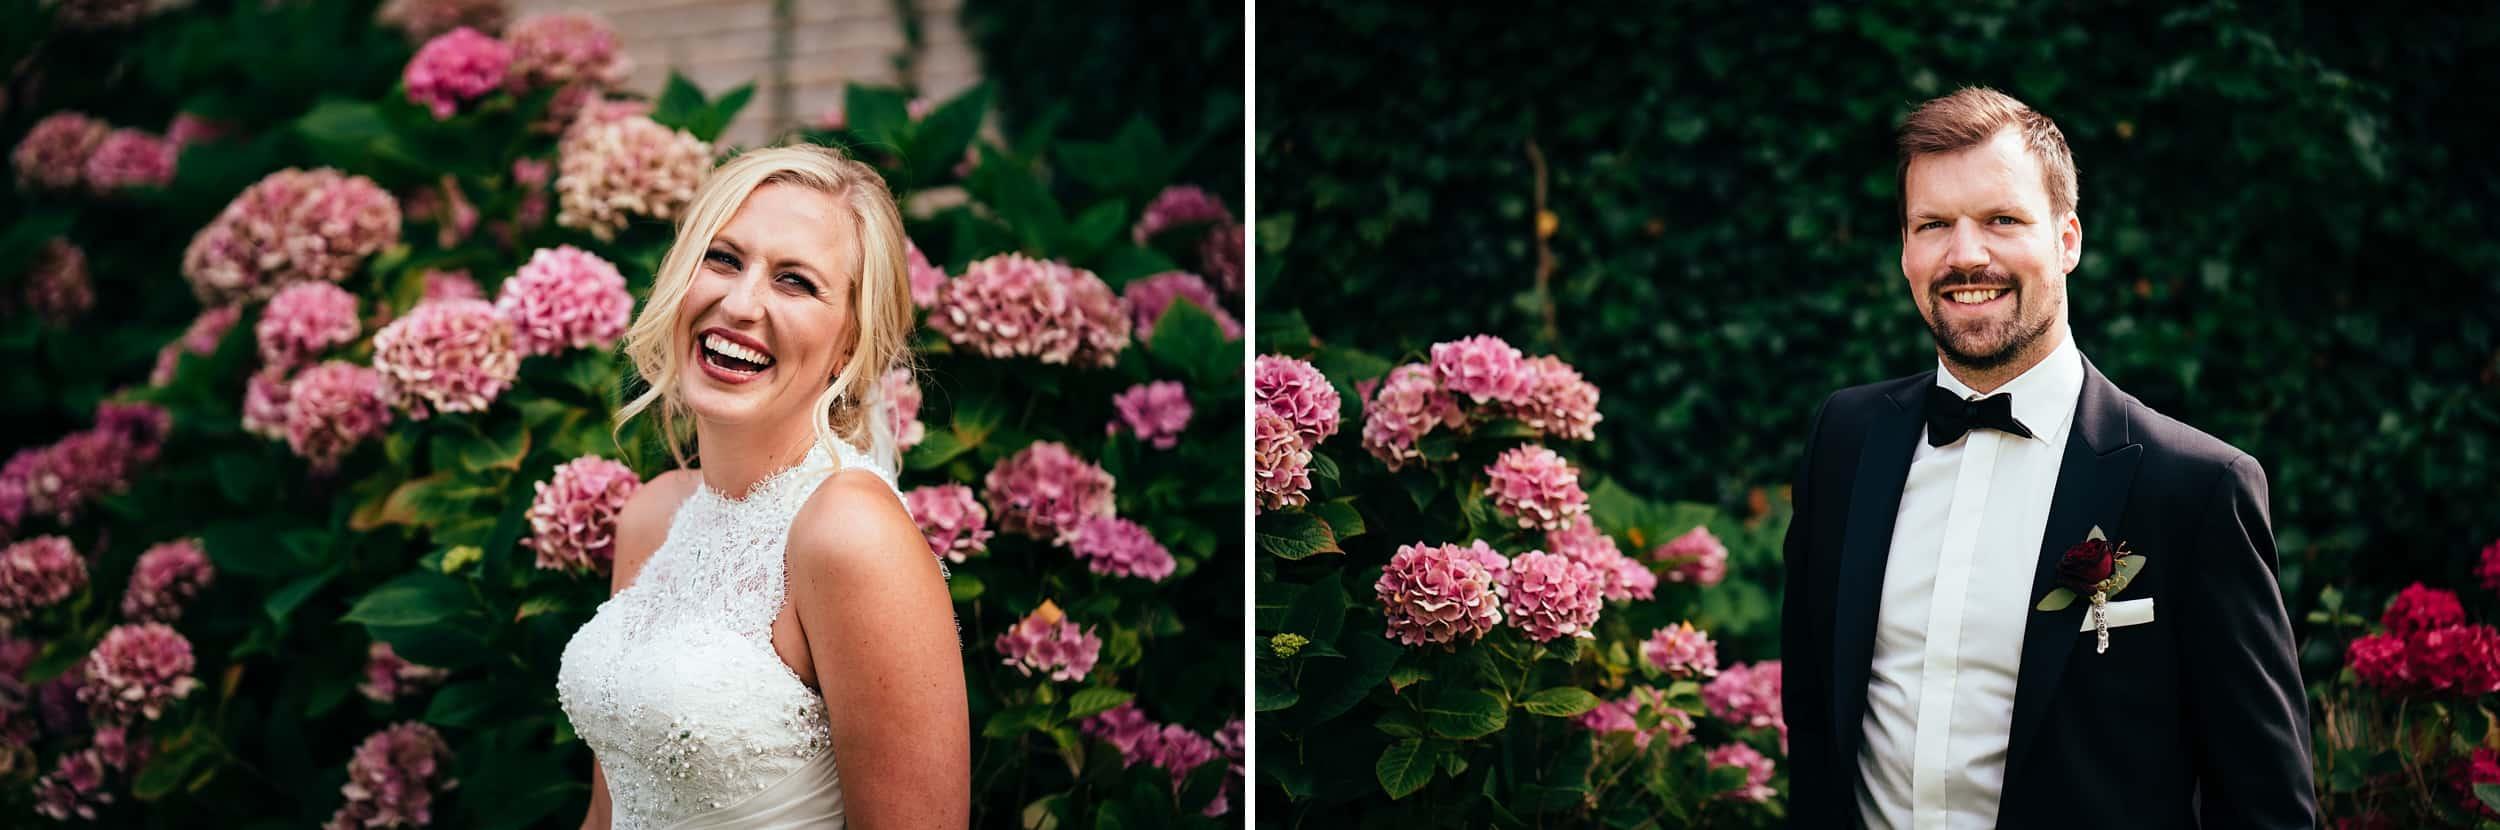 portrætter-af-brud-og-brudgom_1.jpg